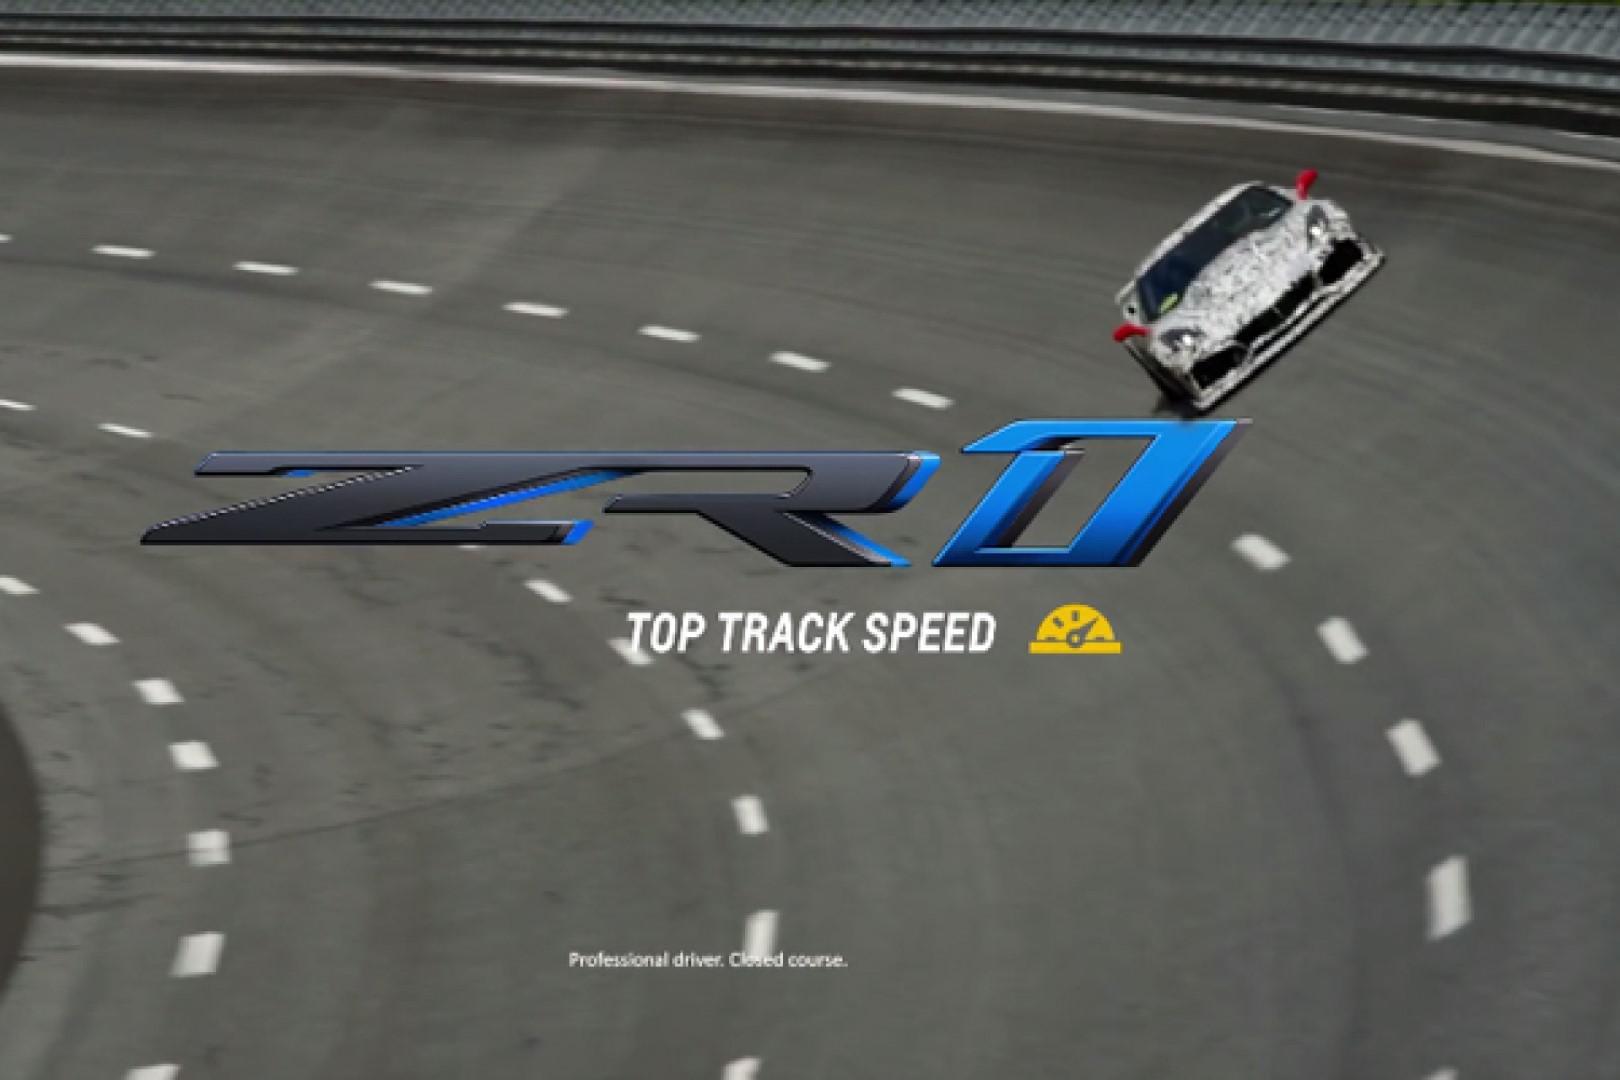 Vidéo: Plus de 340 km/h en pointe pour la Chevrolet Corvette ZR1 !